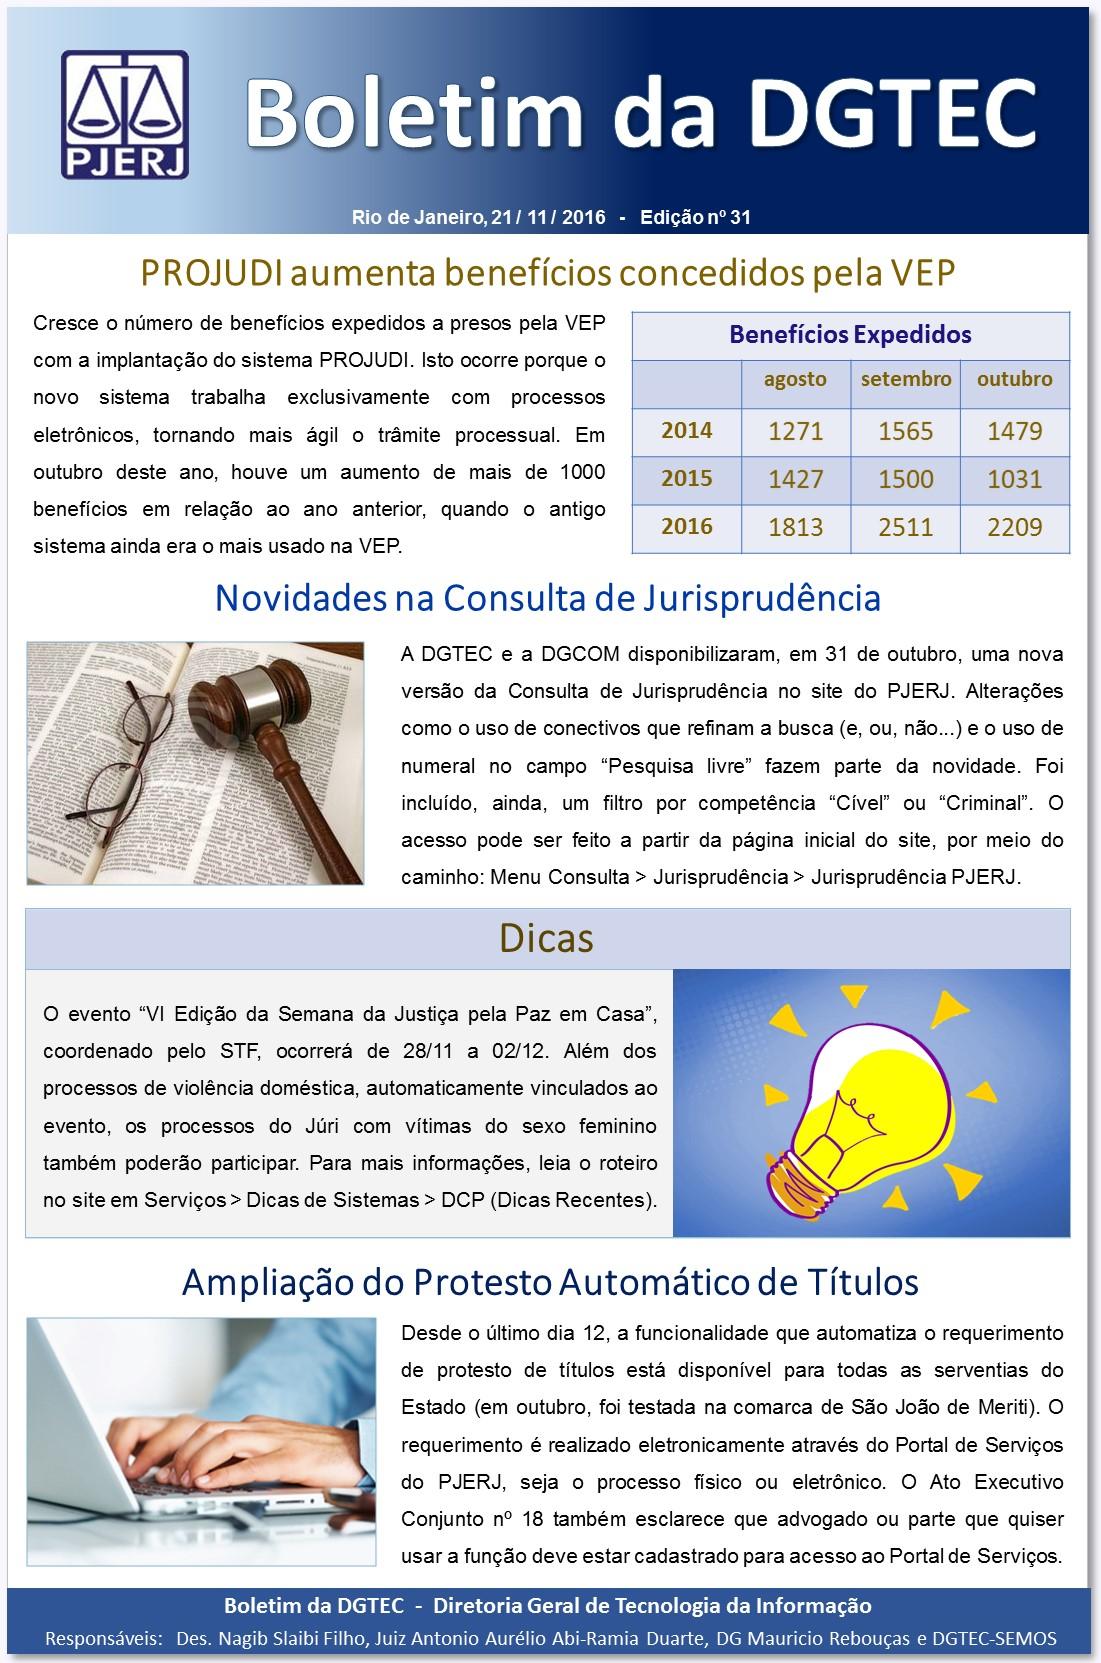 5b17fb77712e0 Boletins da DGTEC - Tribunal de Justiça do Estado do Rio de Janeiro